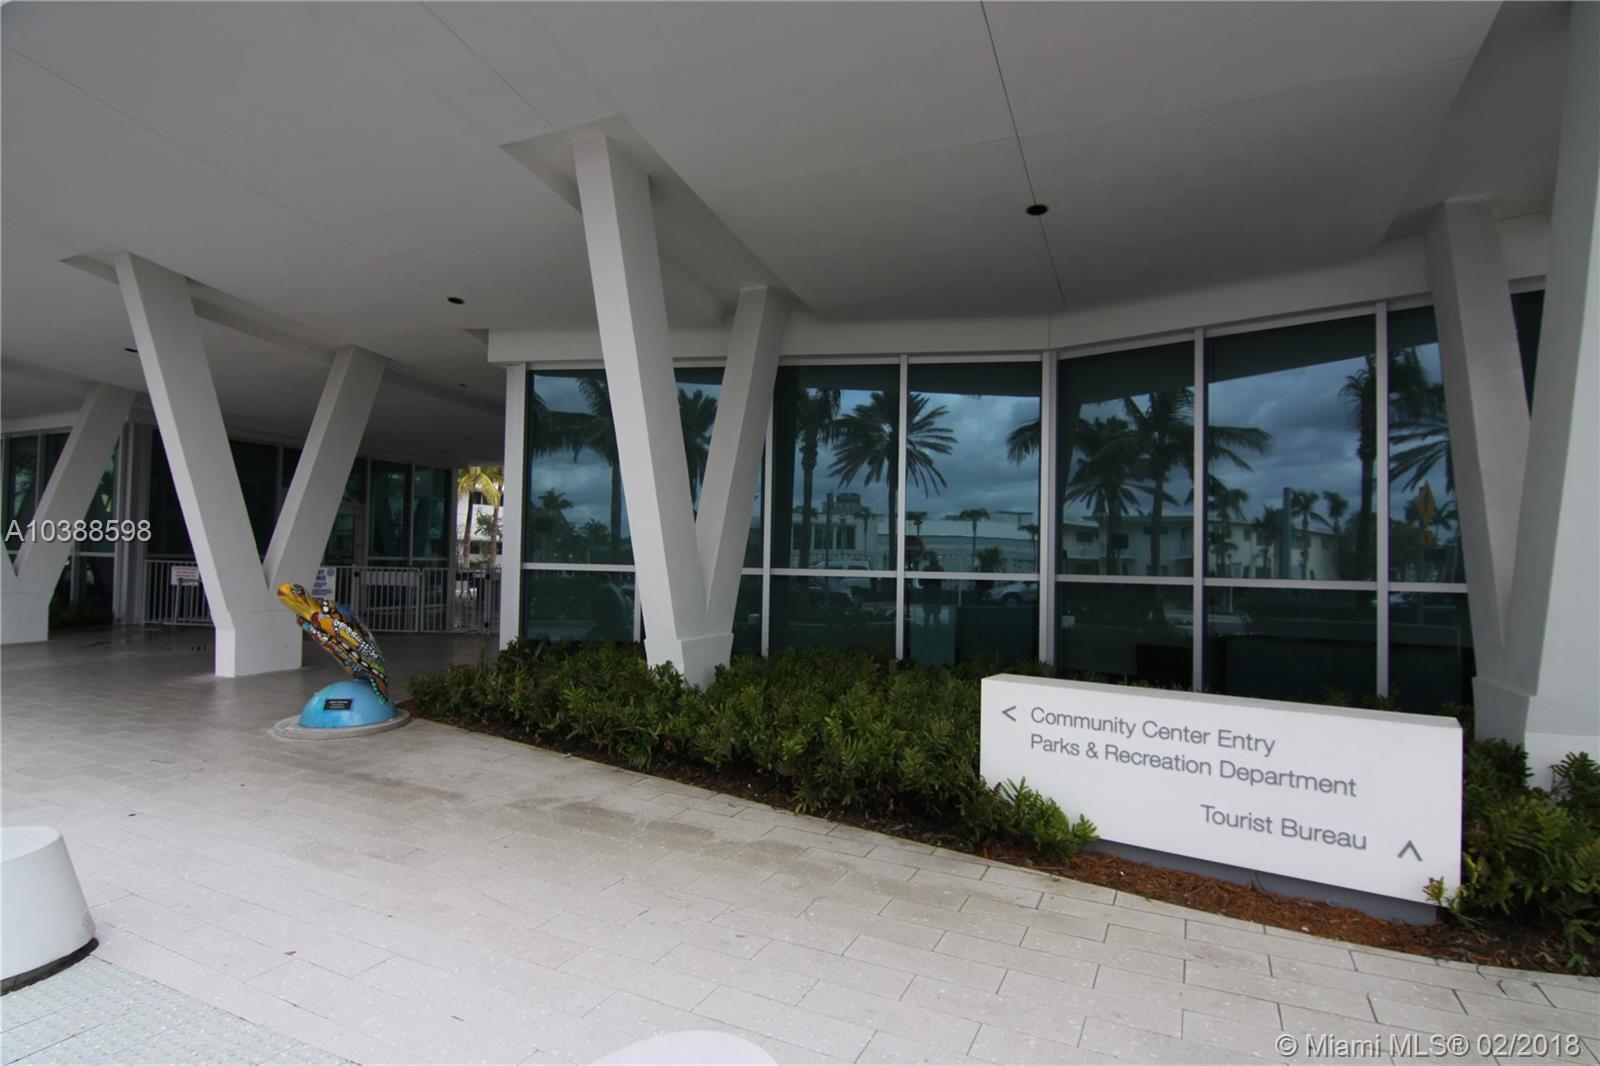 9164 Froude, Surfside FL, 33154